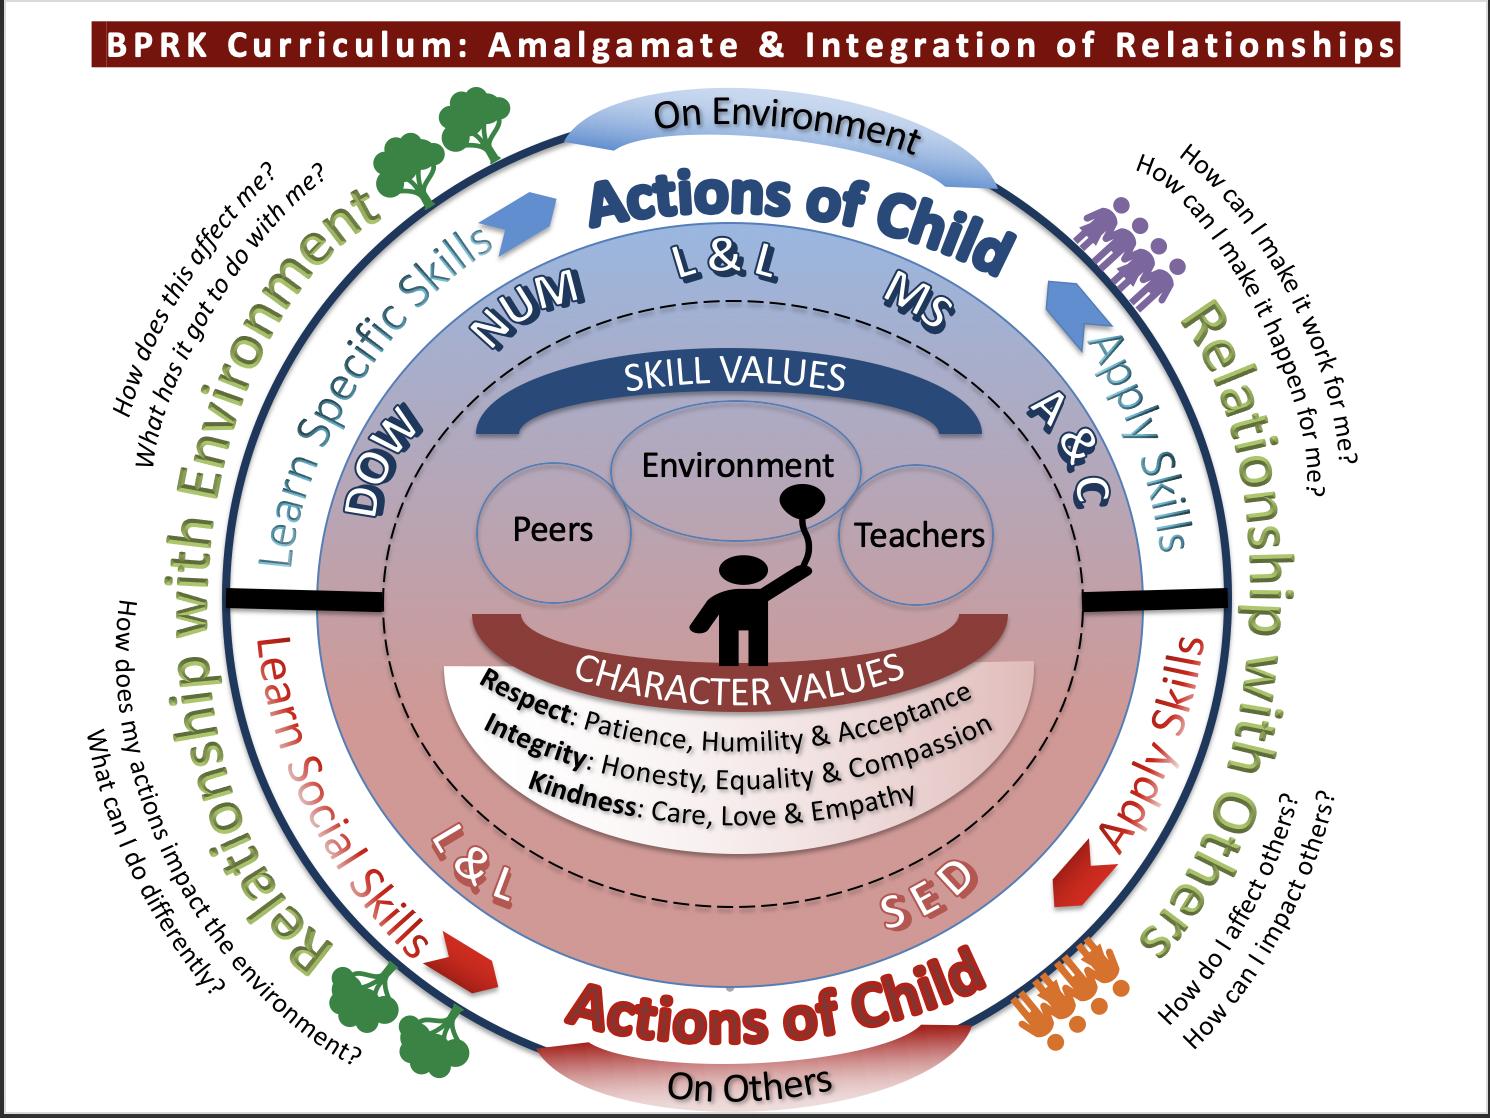 BPRK Curriculum Framework